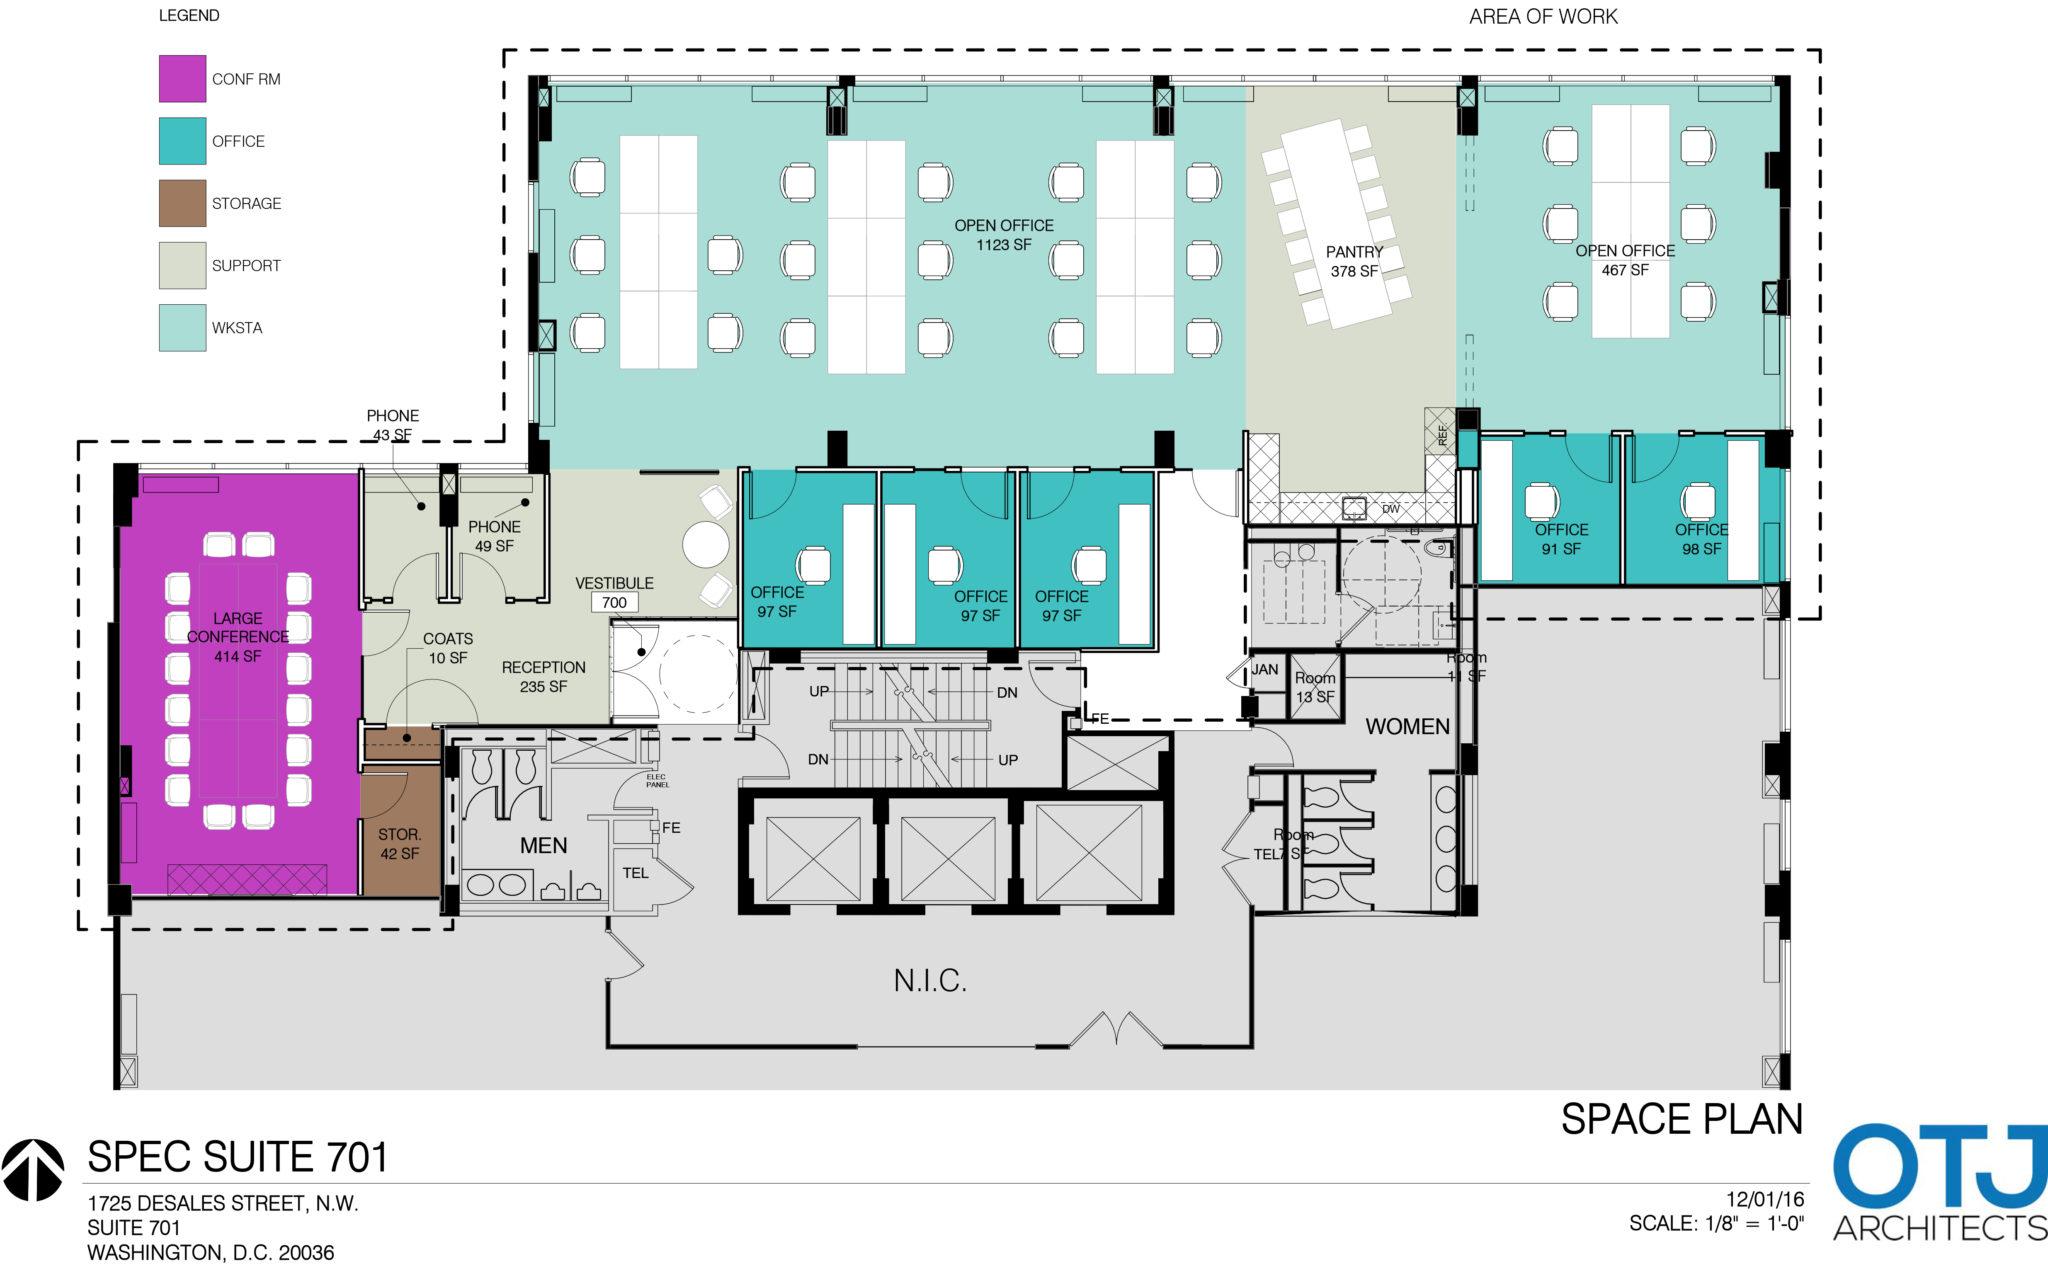 Spec Suite 701